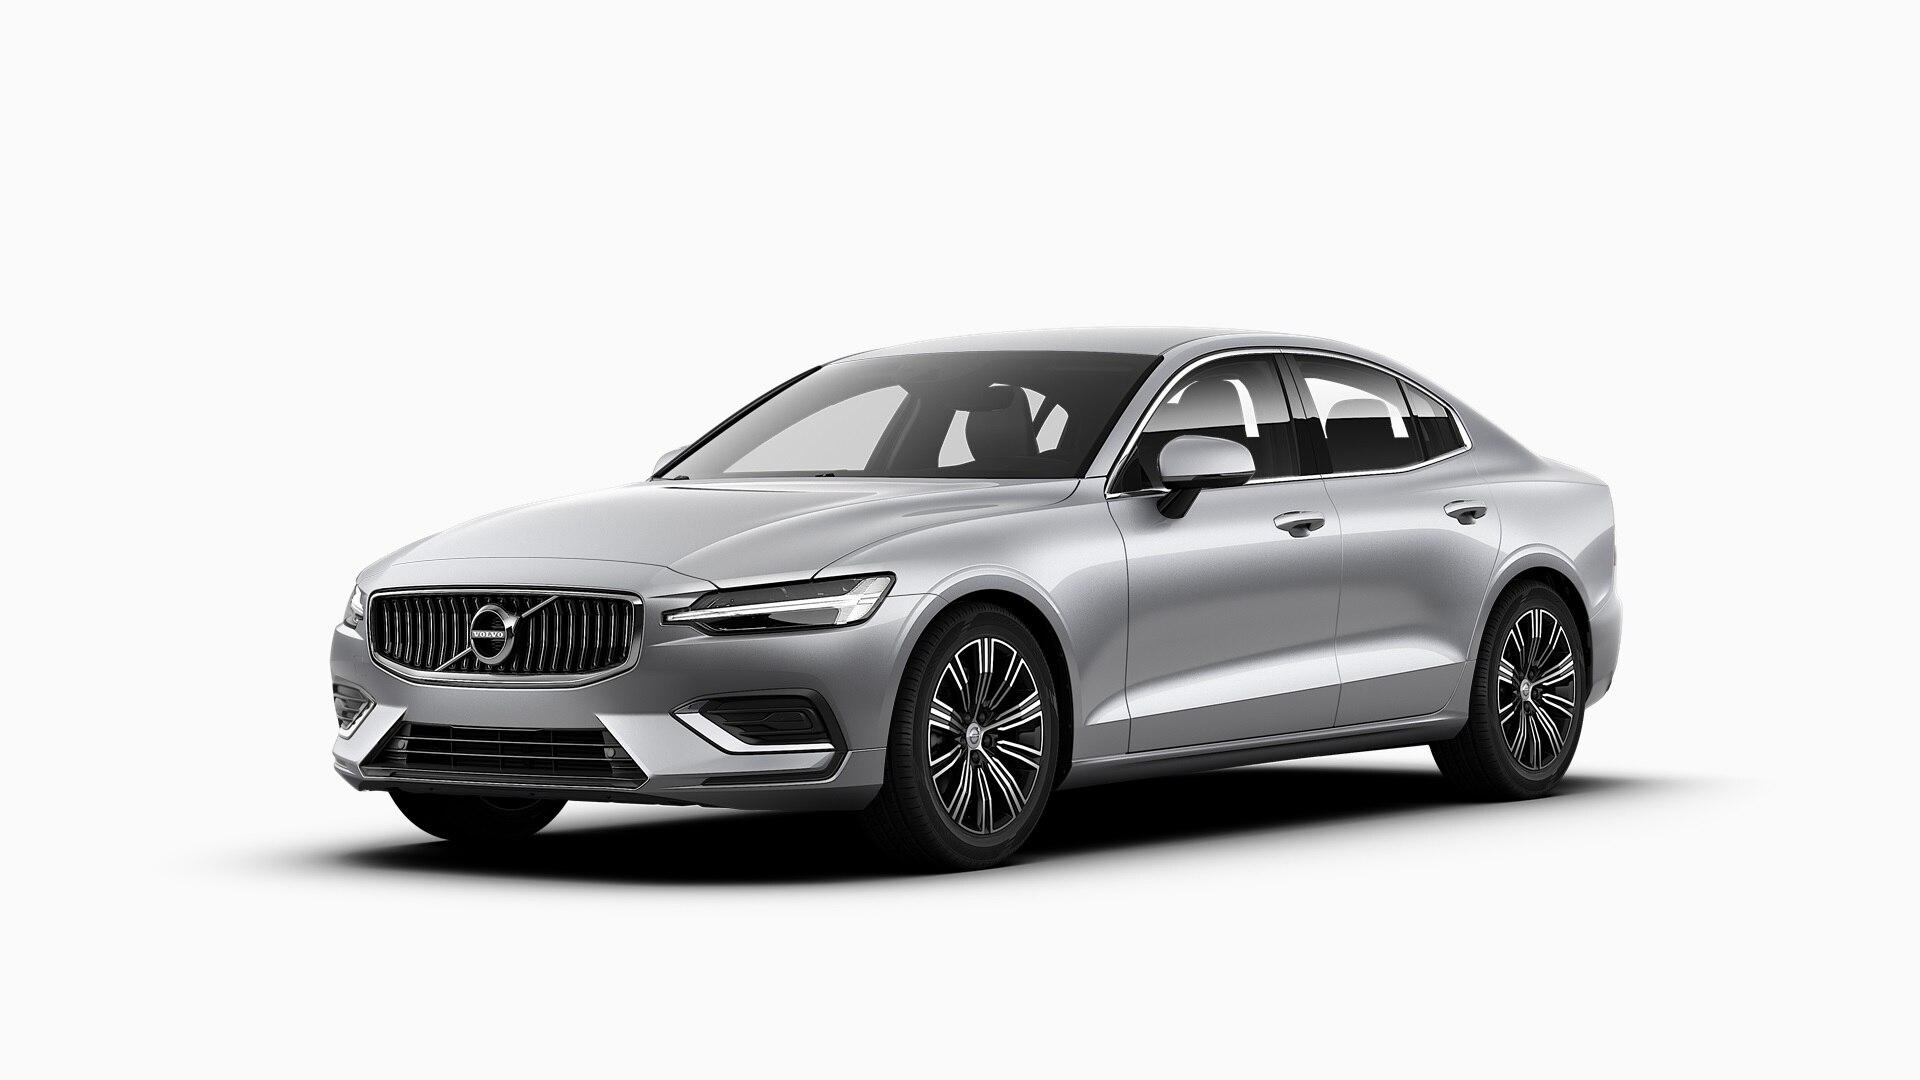 Volvo S60 ilgalaikė automobilių nuoma | Sixt Leasing